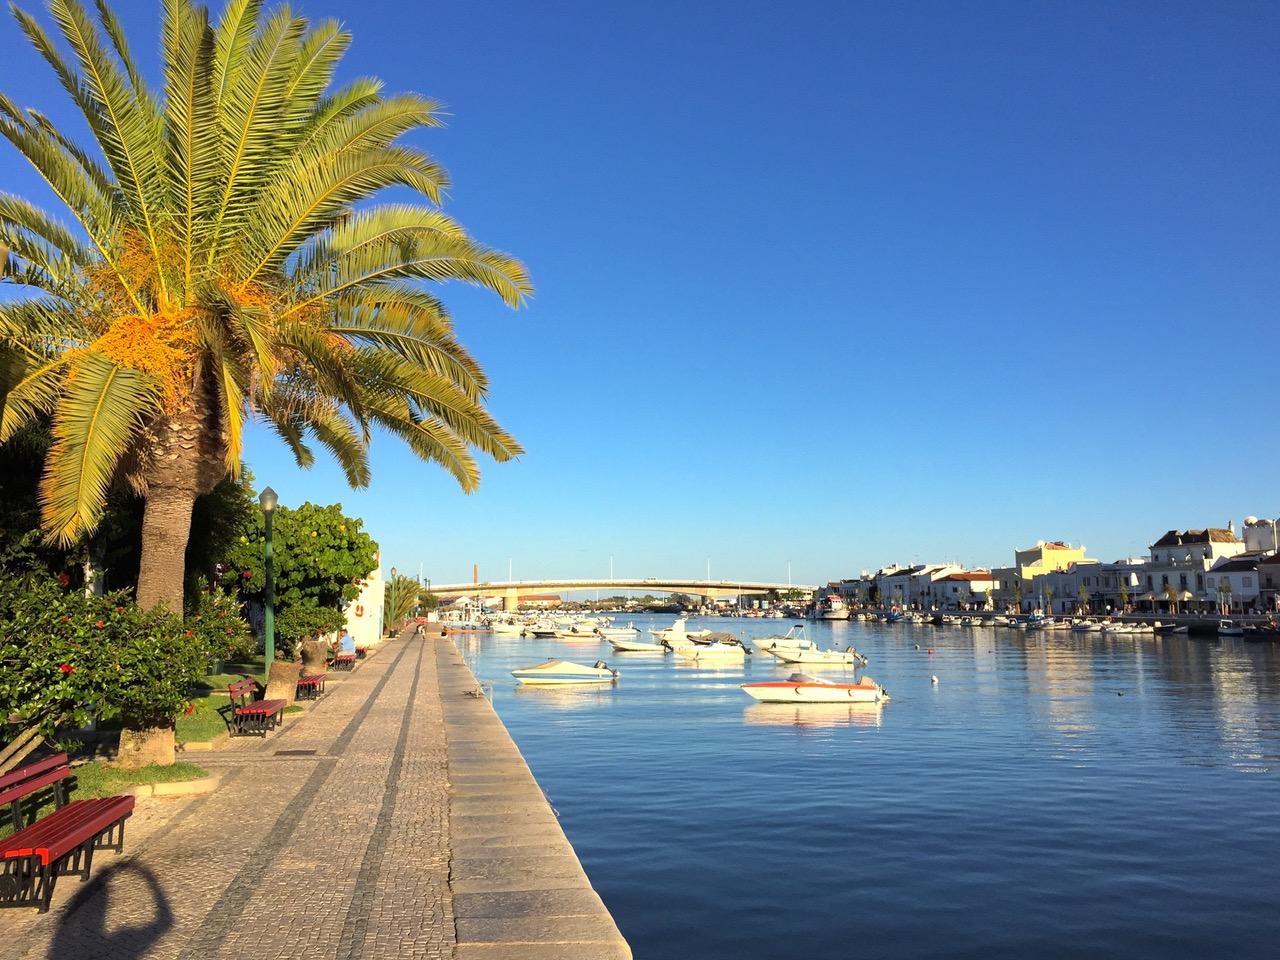 Tavira harbor, Algarve, Portugal